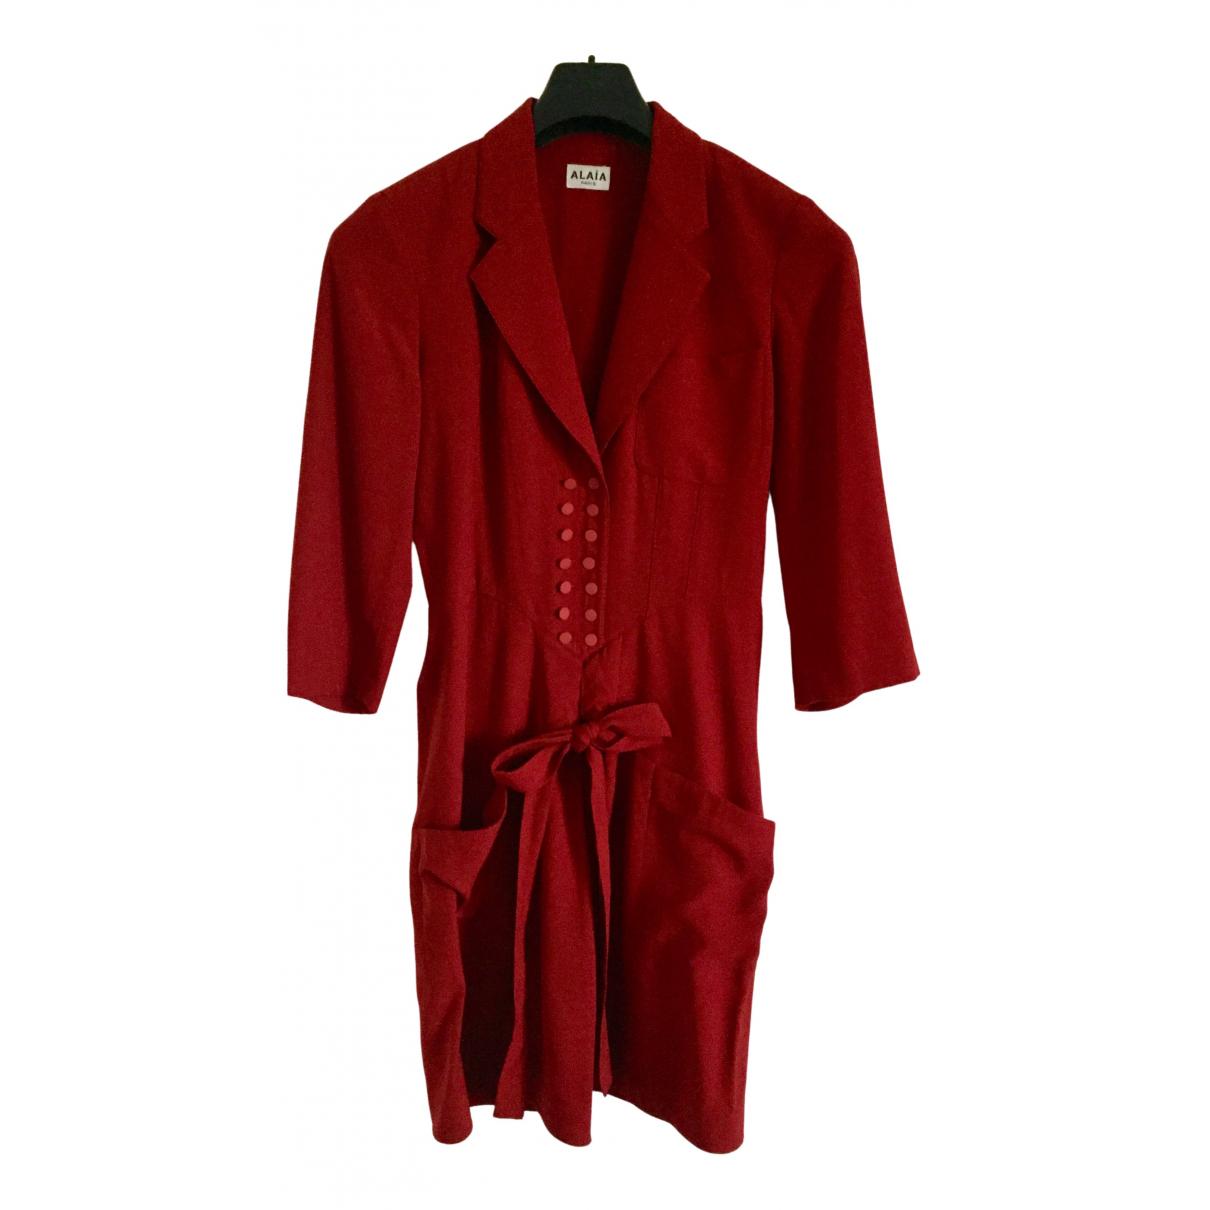 Alaia \N Kleid in  Bordeauxrot Wolle